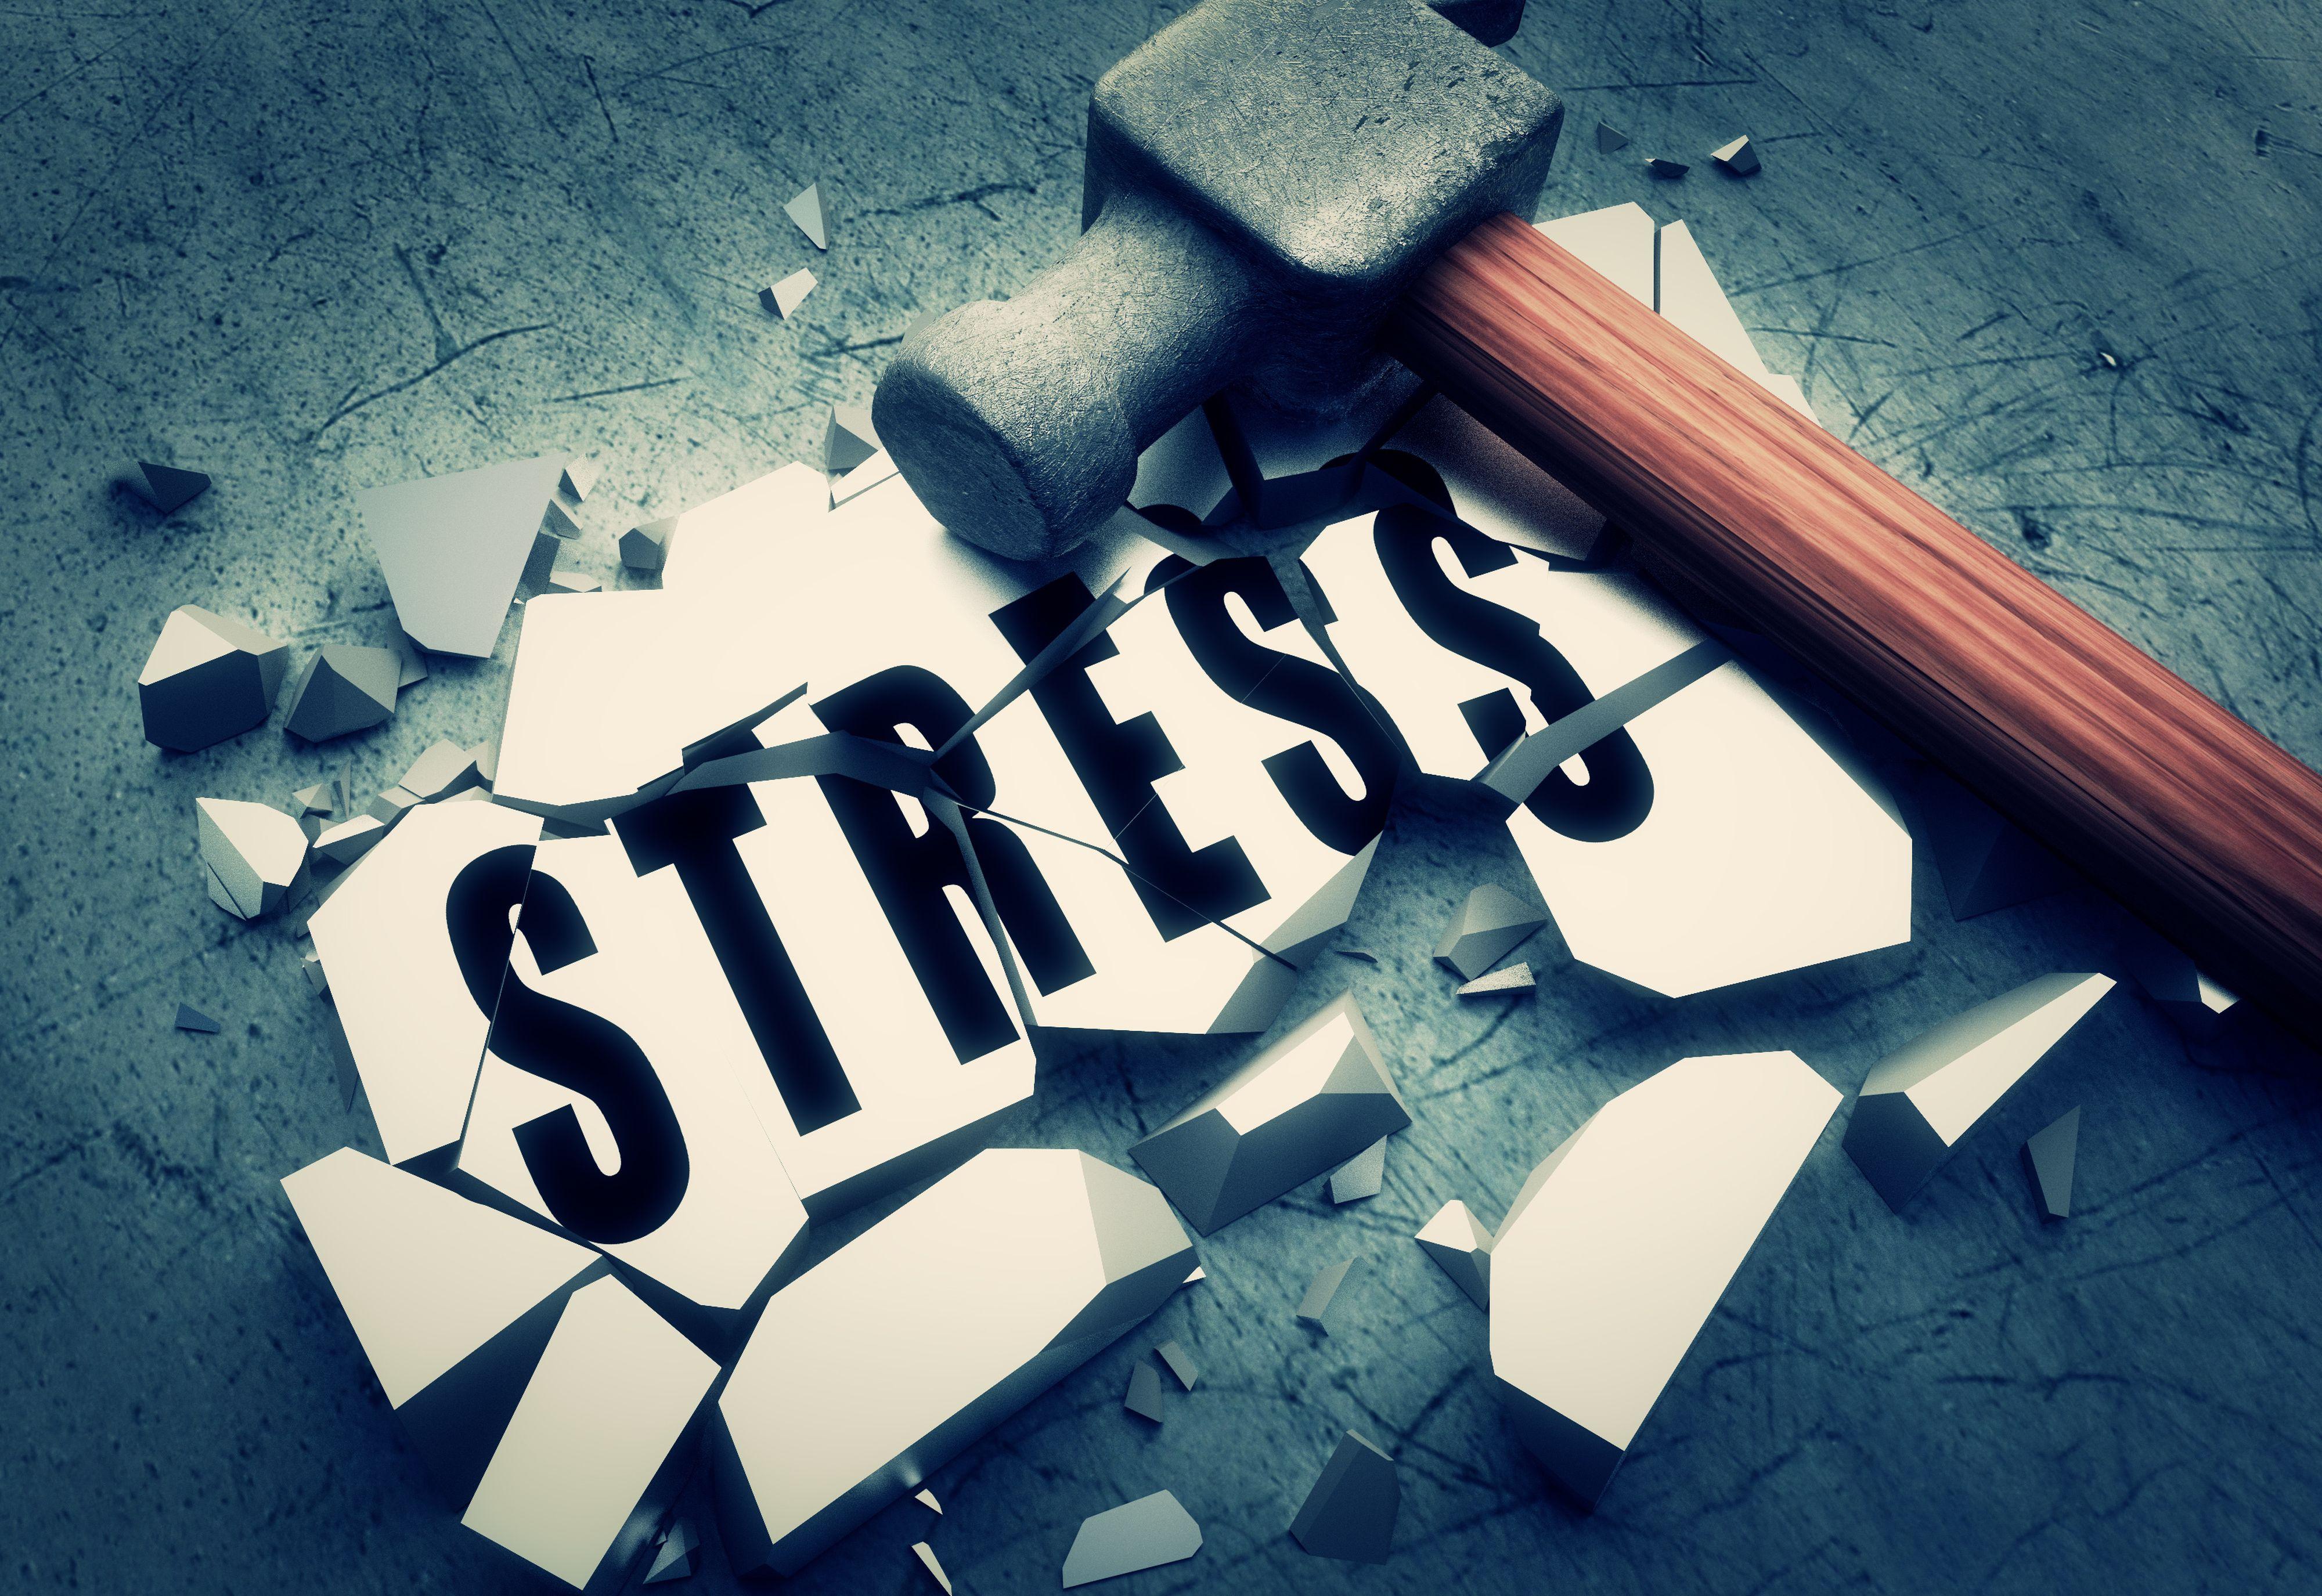 Perspektywa wykonywania nużącej i nierozwijającej pracy negatywnie wpływa na psychikę. (Fot. Shutterstock)